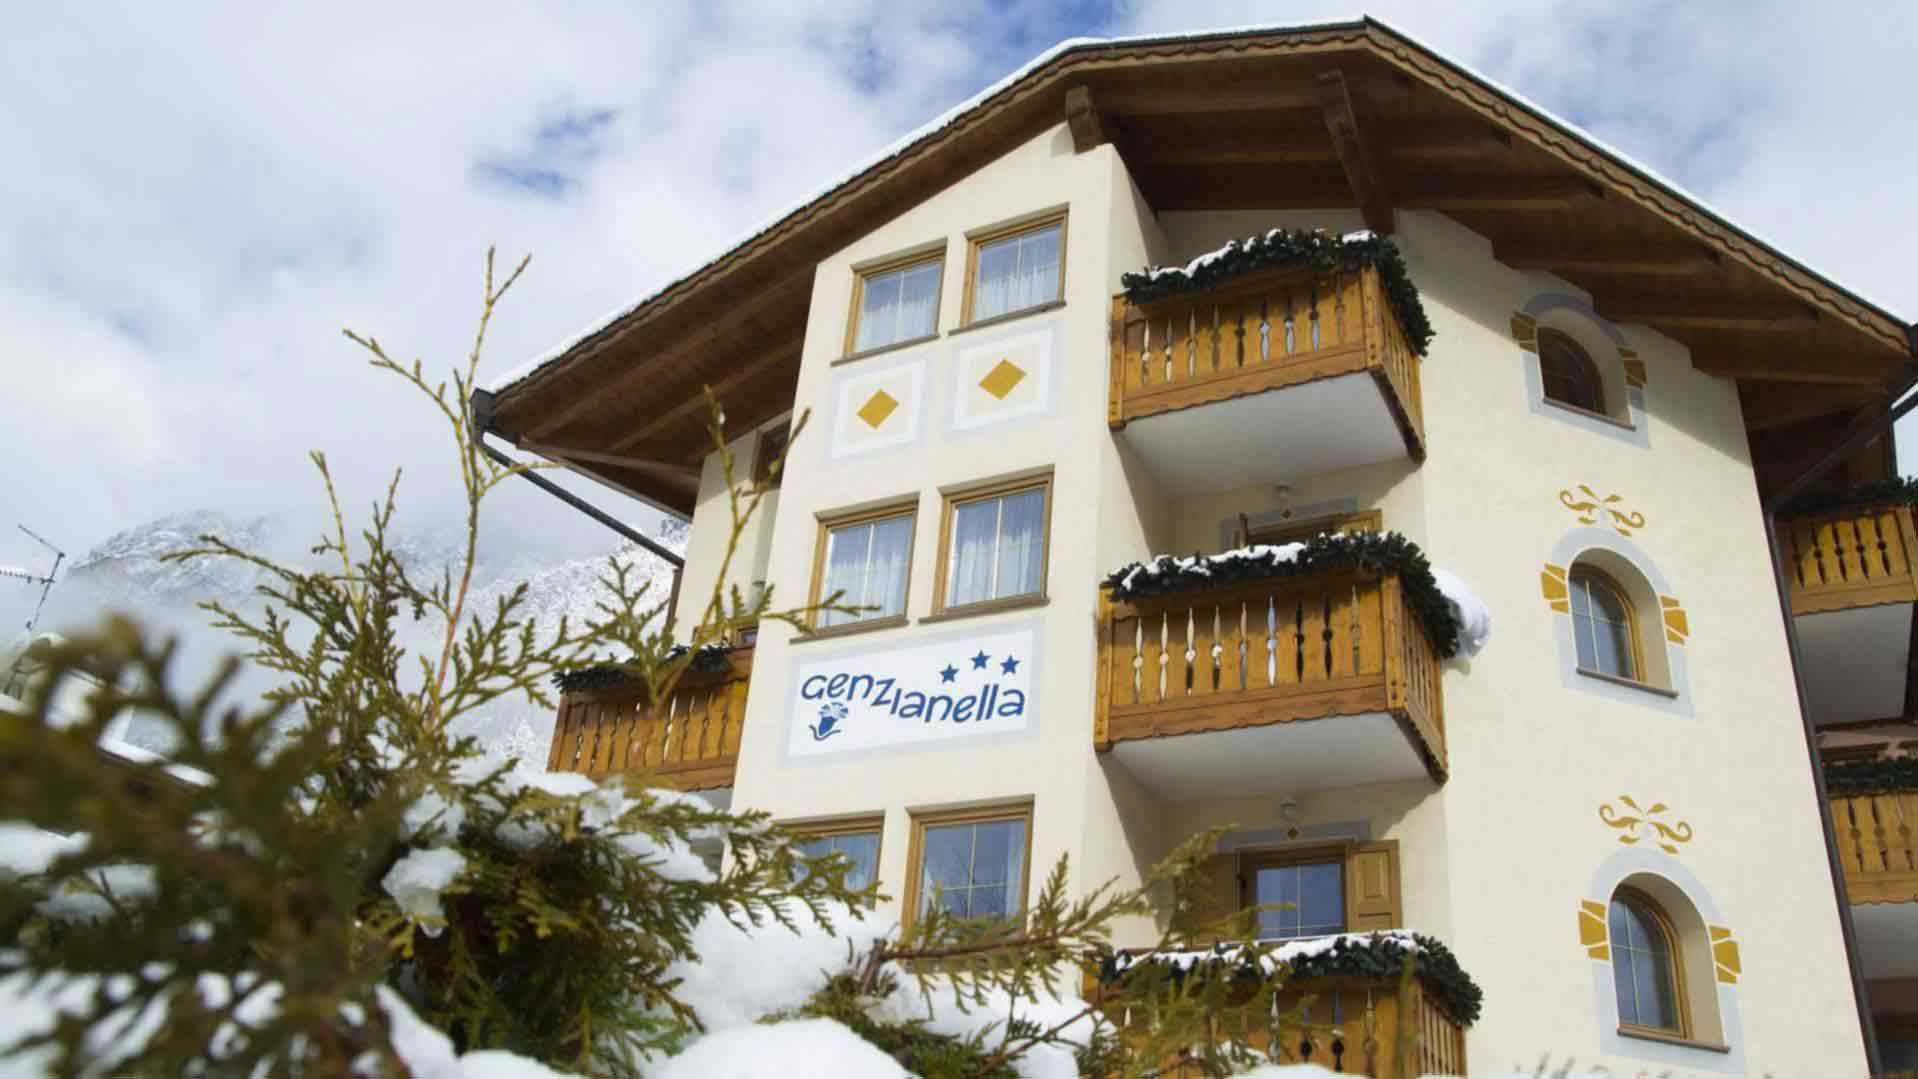 Panorama invernale Hotel Genzianella Ziano di Fiemme Val di Fiemme